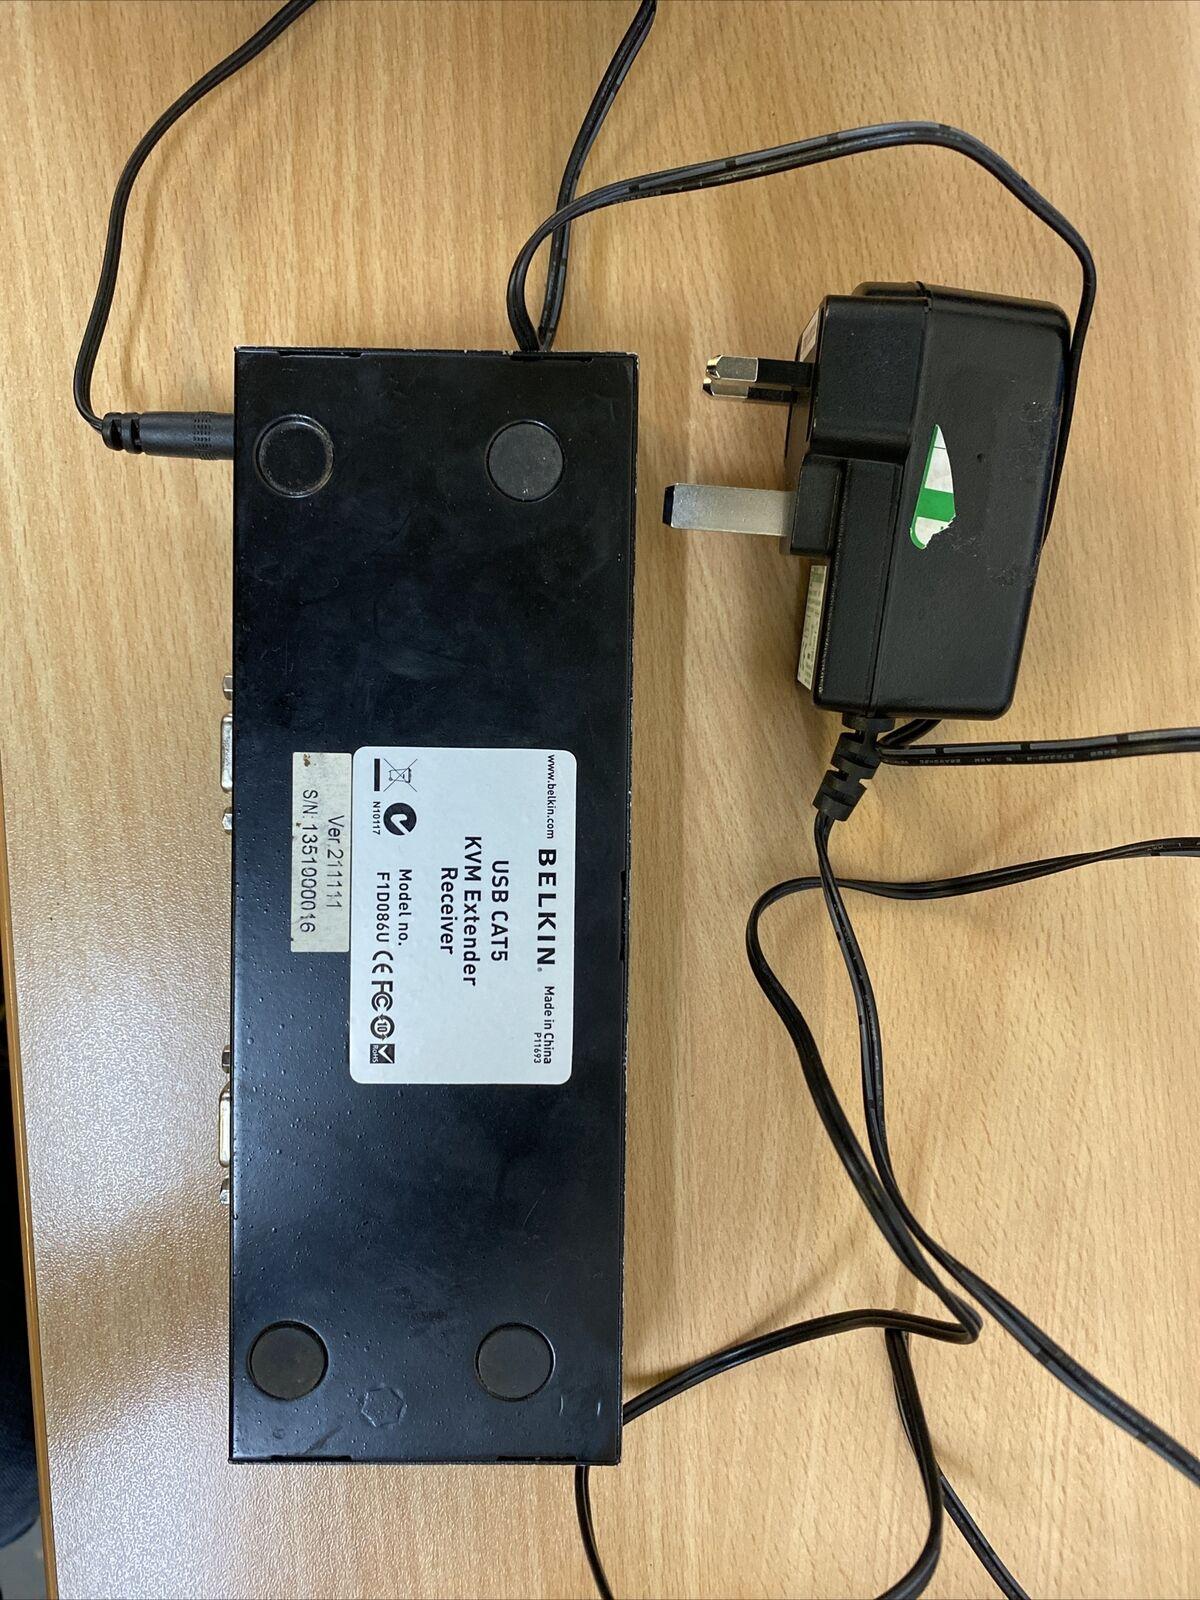 Belkin USB CAT5 KVM Extender - Model F1D086U